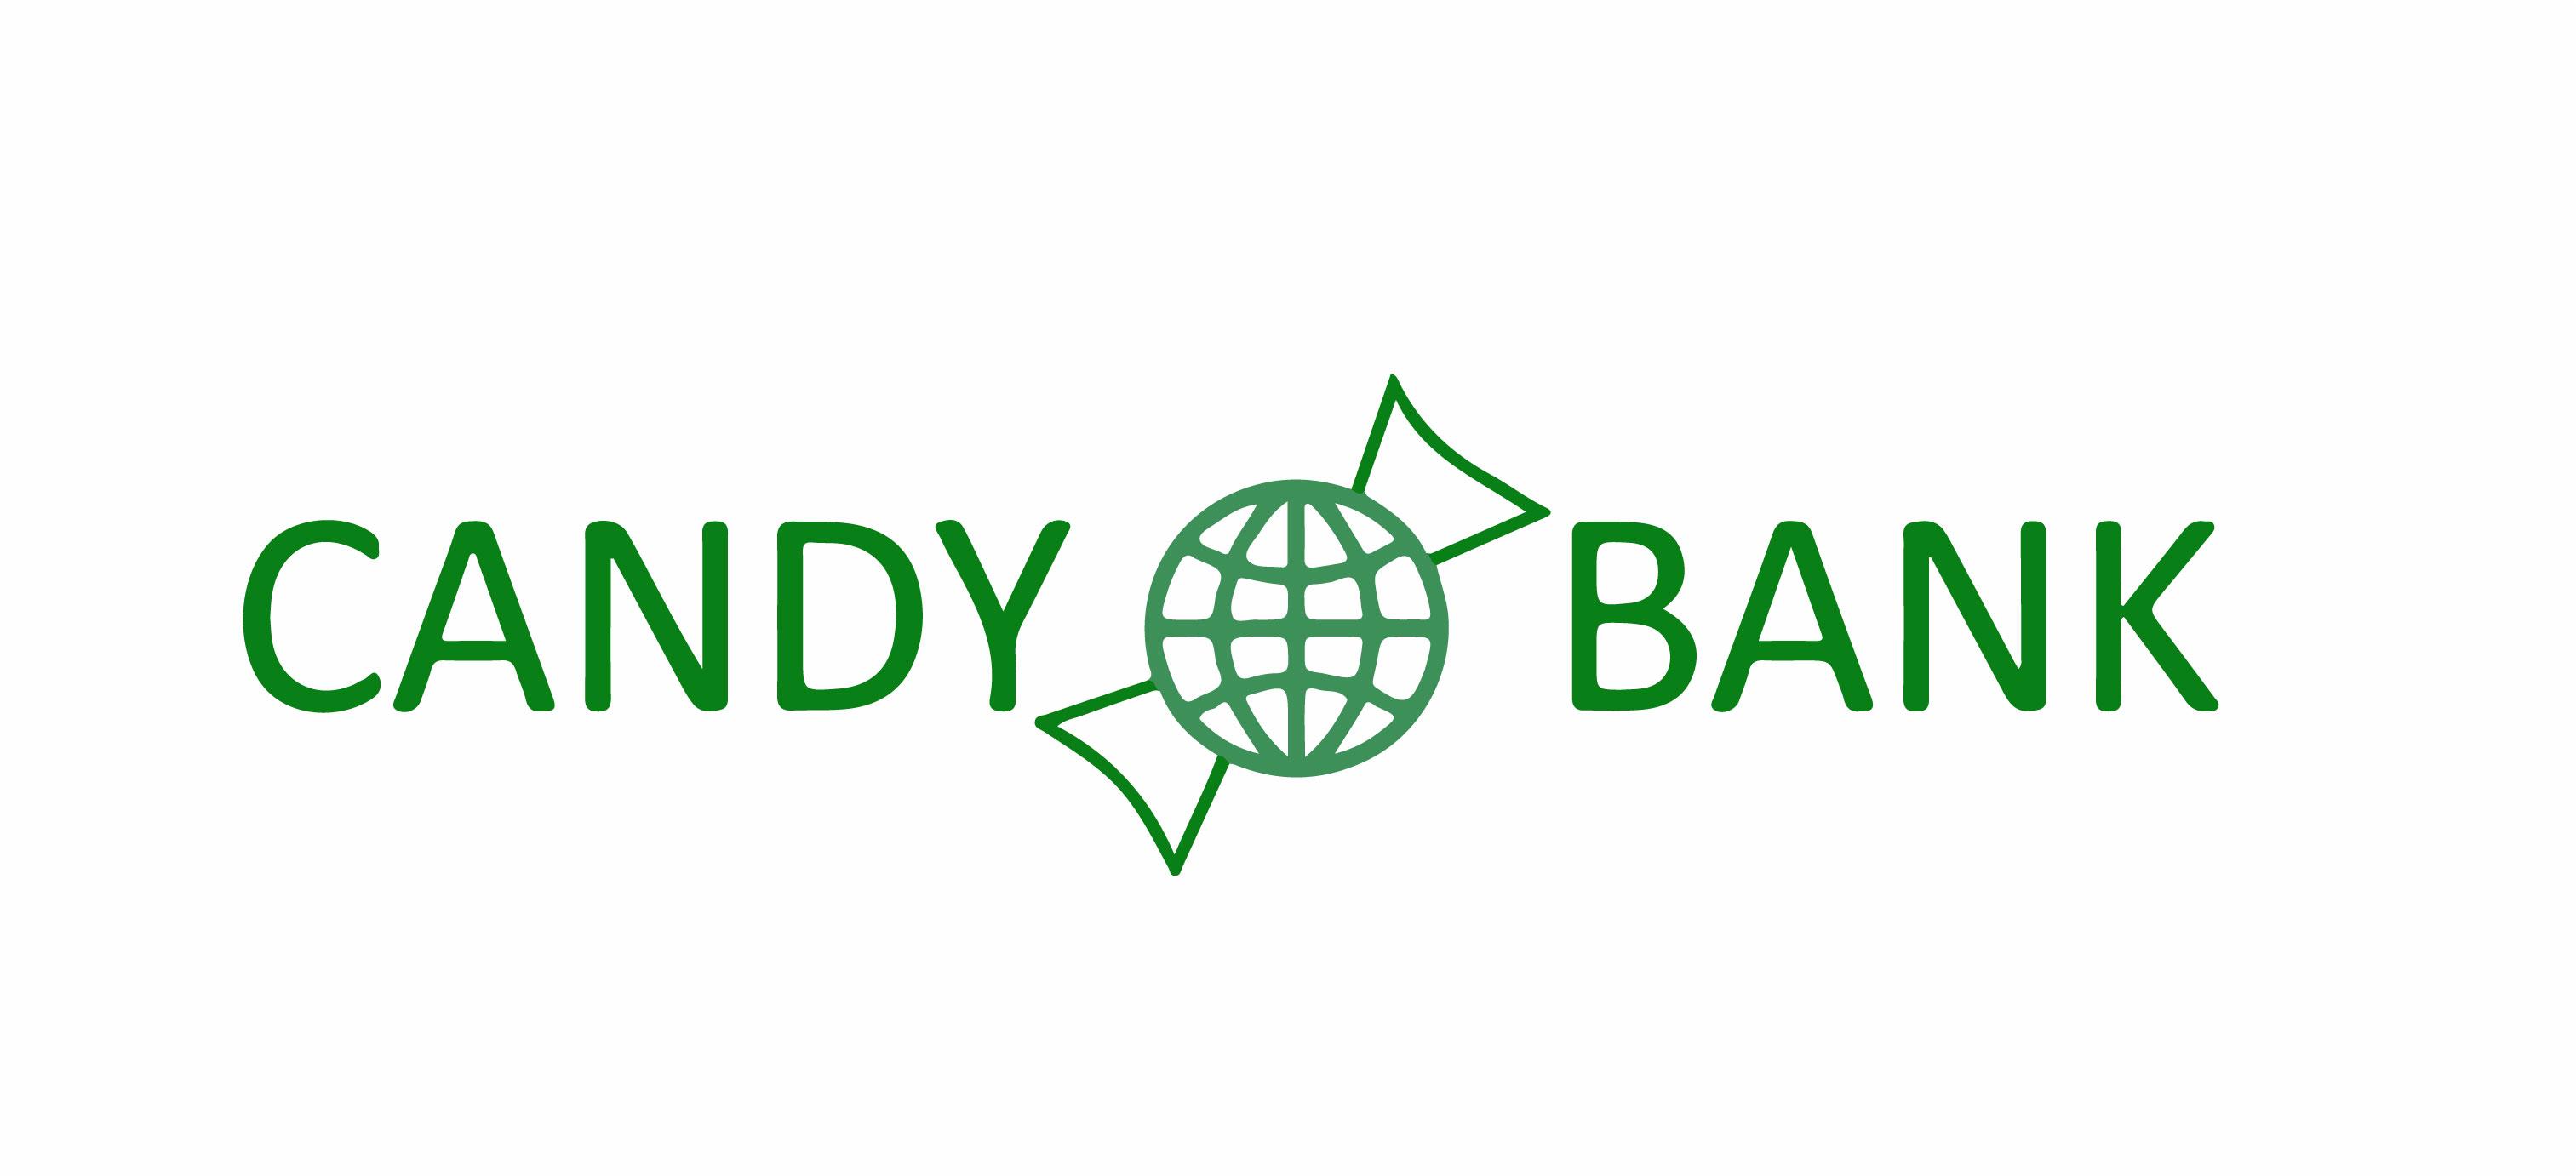 Логотип для международного банка фото f_5605d6e7206ededc.jpg